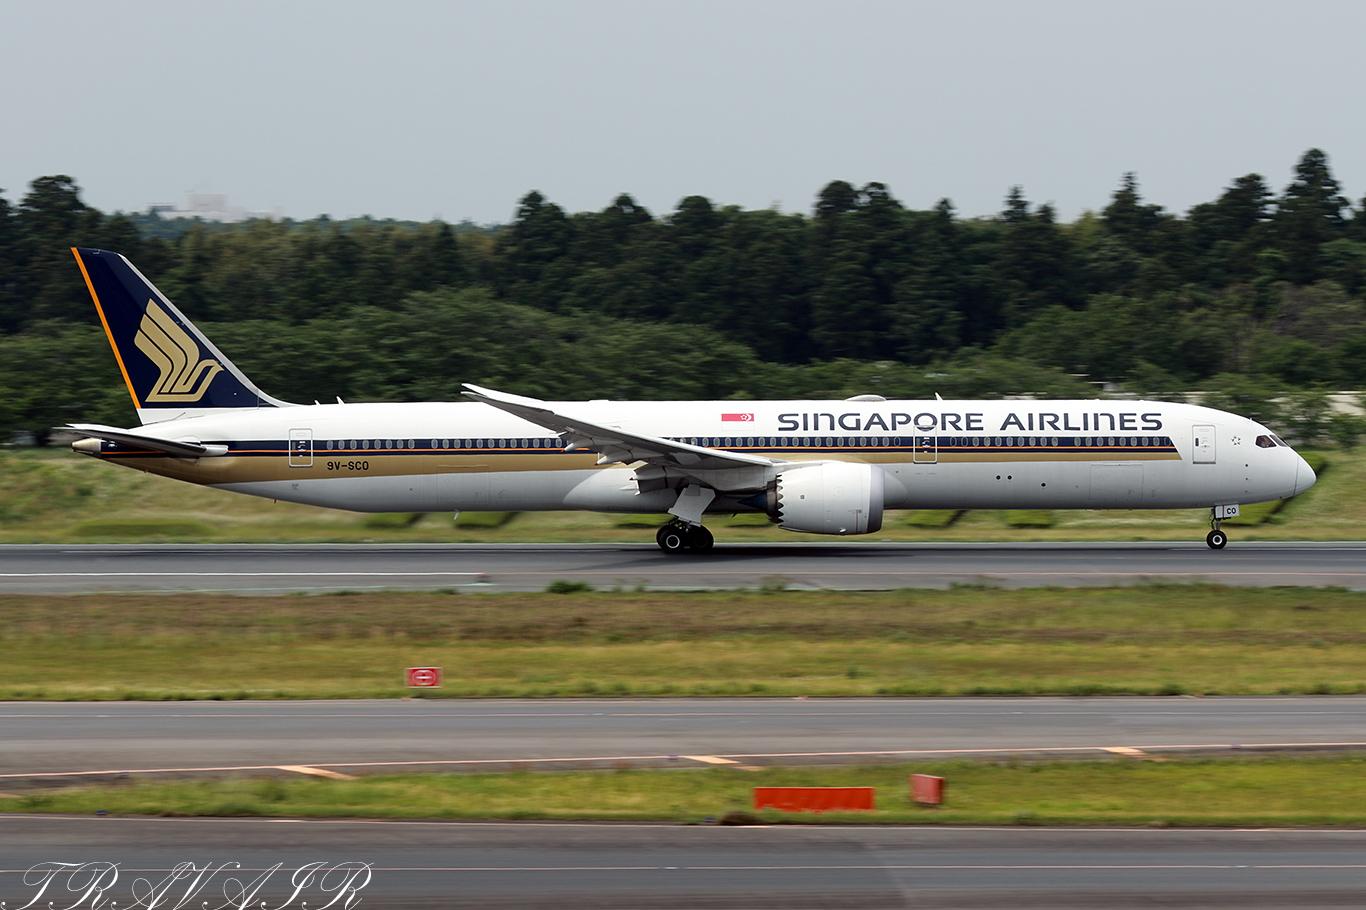 SQ/SIA/シンガポール航空 SQ637 B787-10 9V-SCO